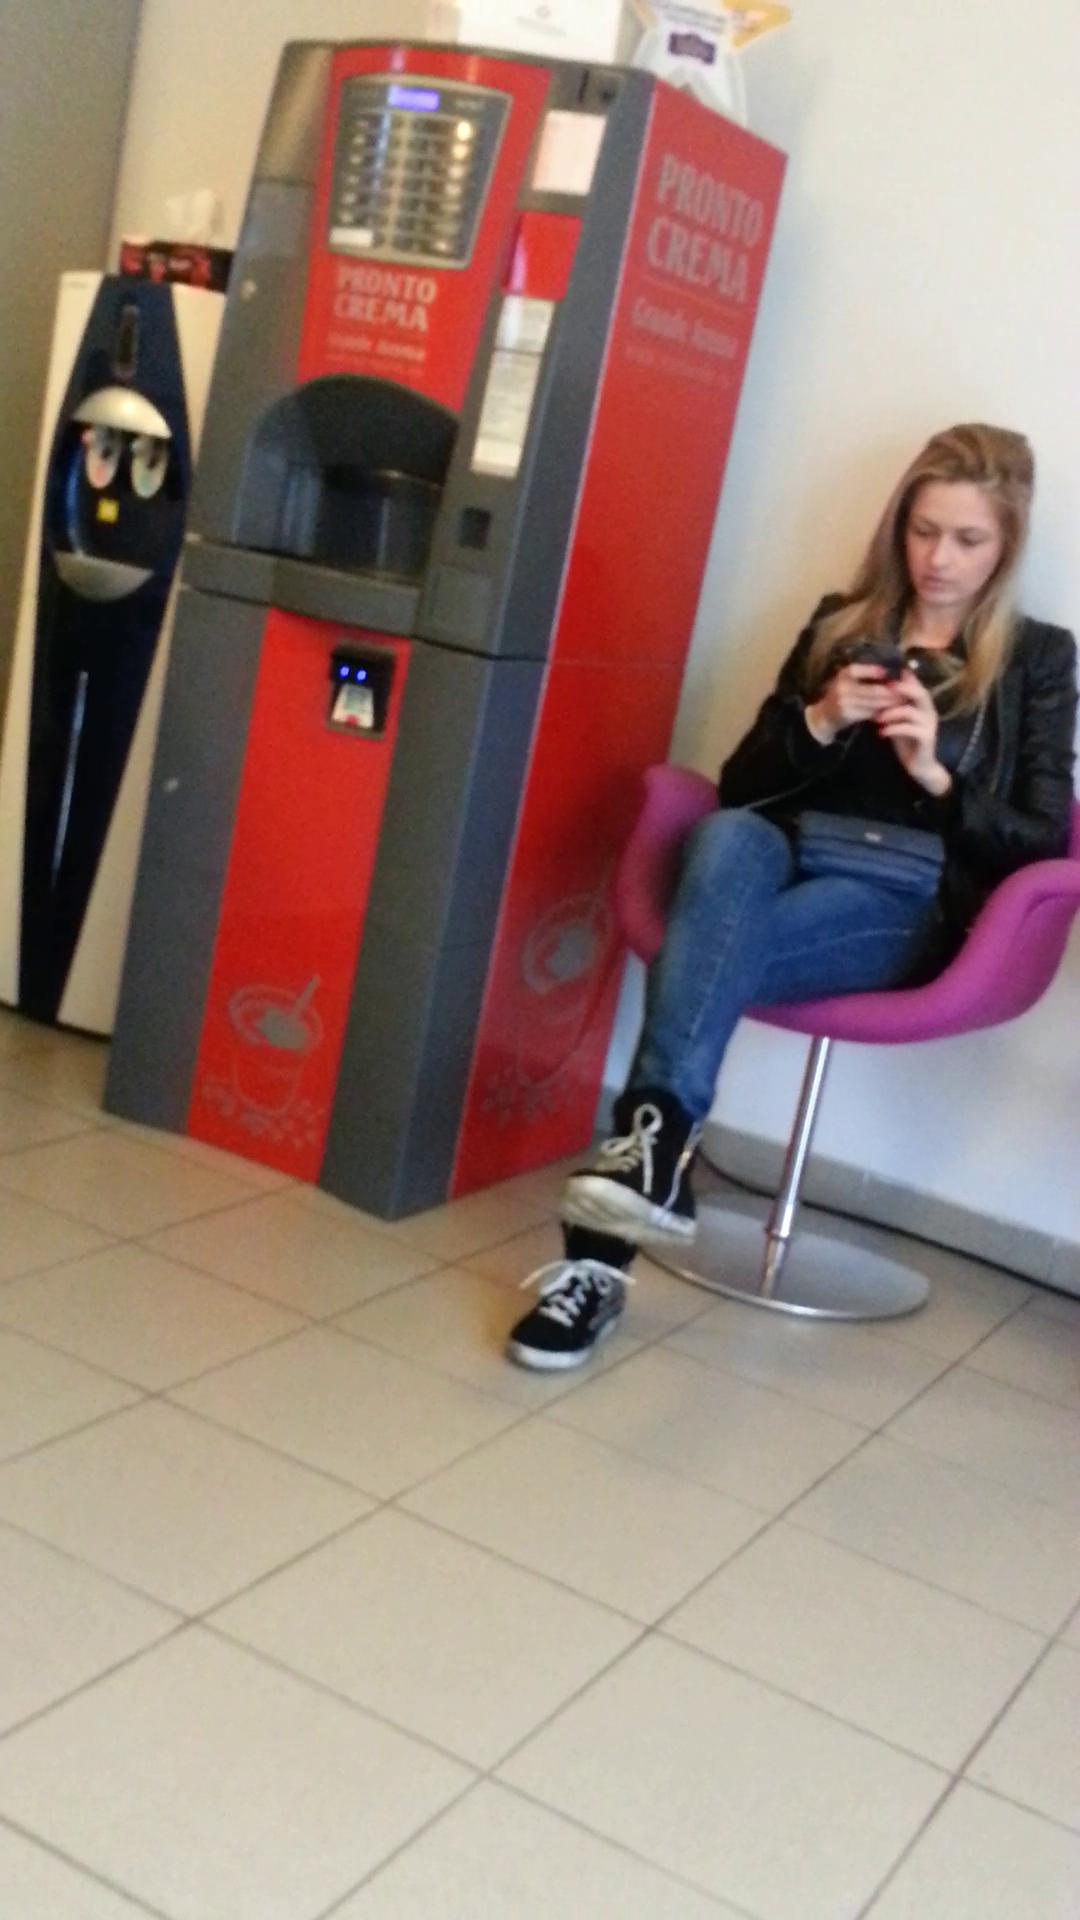 Pentru ca a ajuns cu cateva minute mai devreme, cantareata a asteptat in sala de asteptare, butonand telefonul mobil